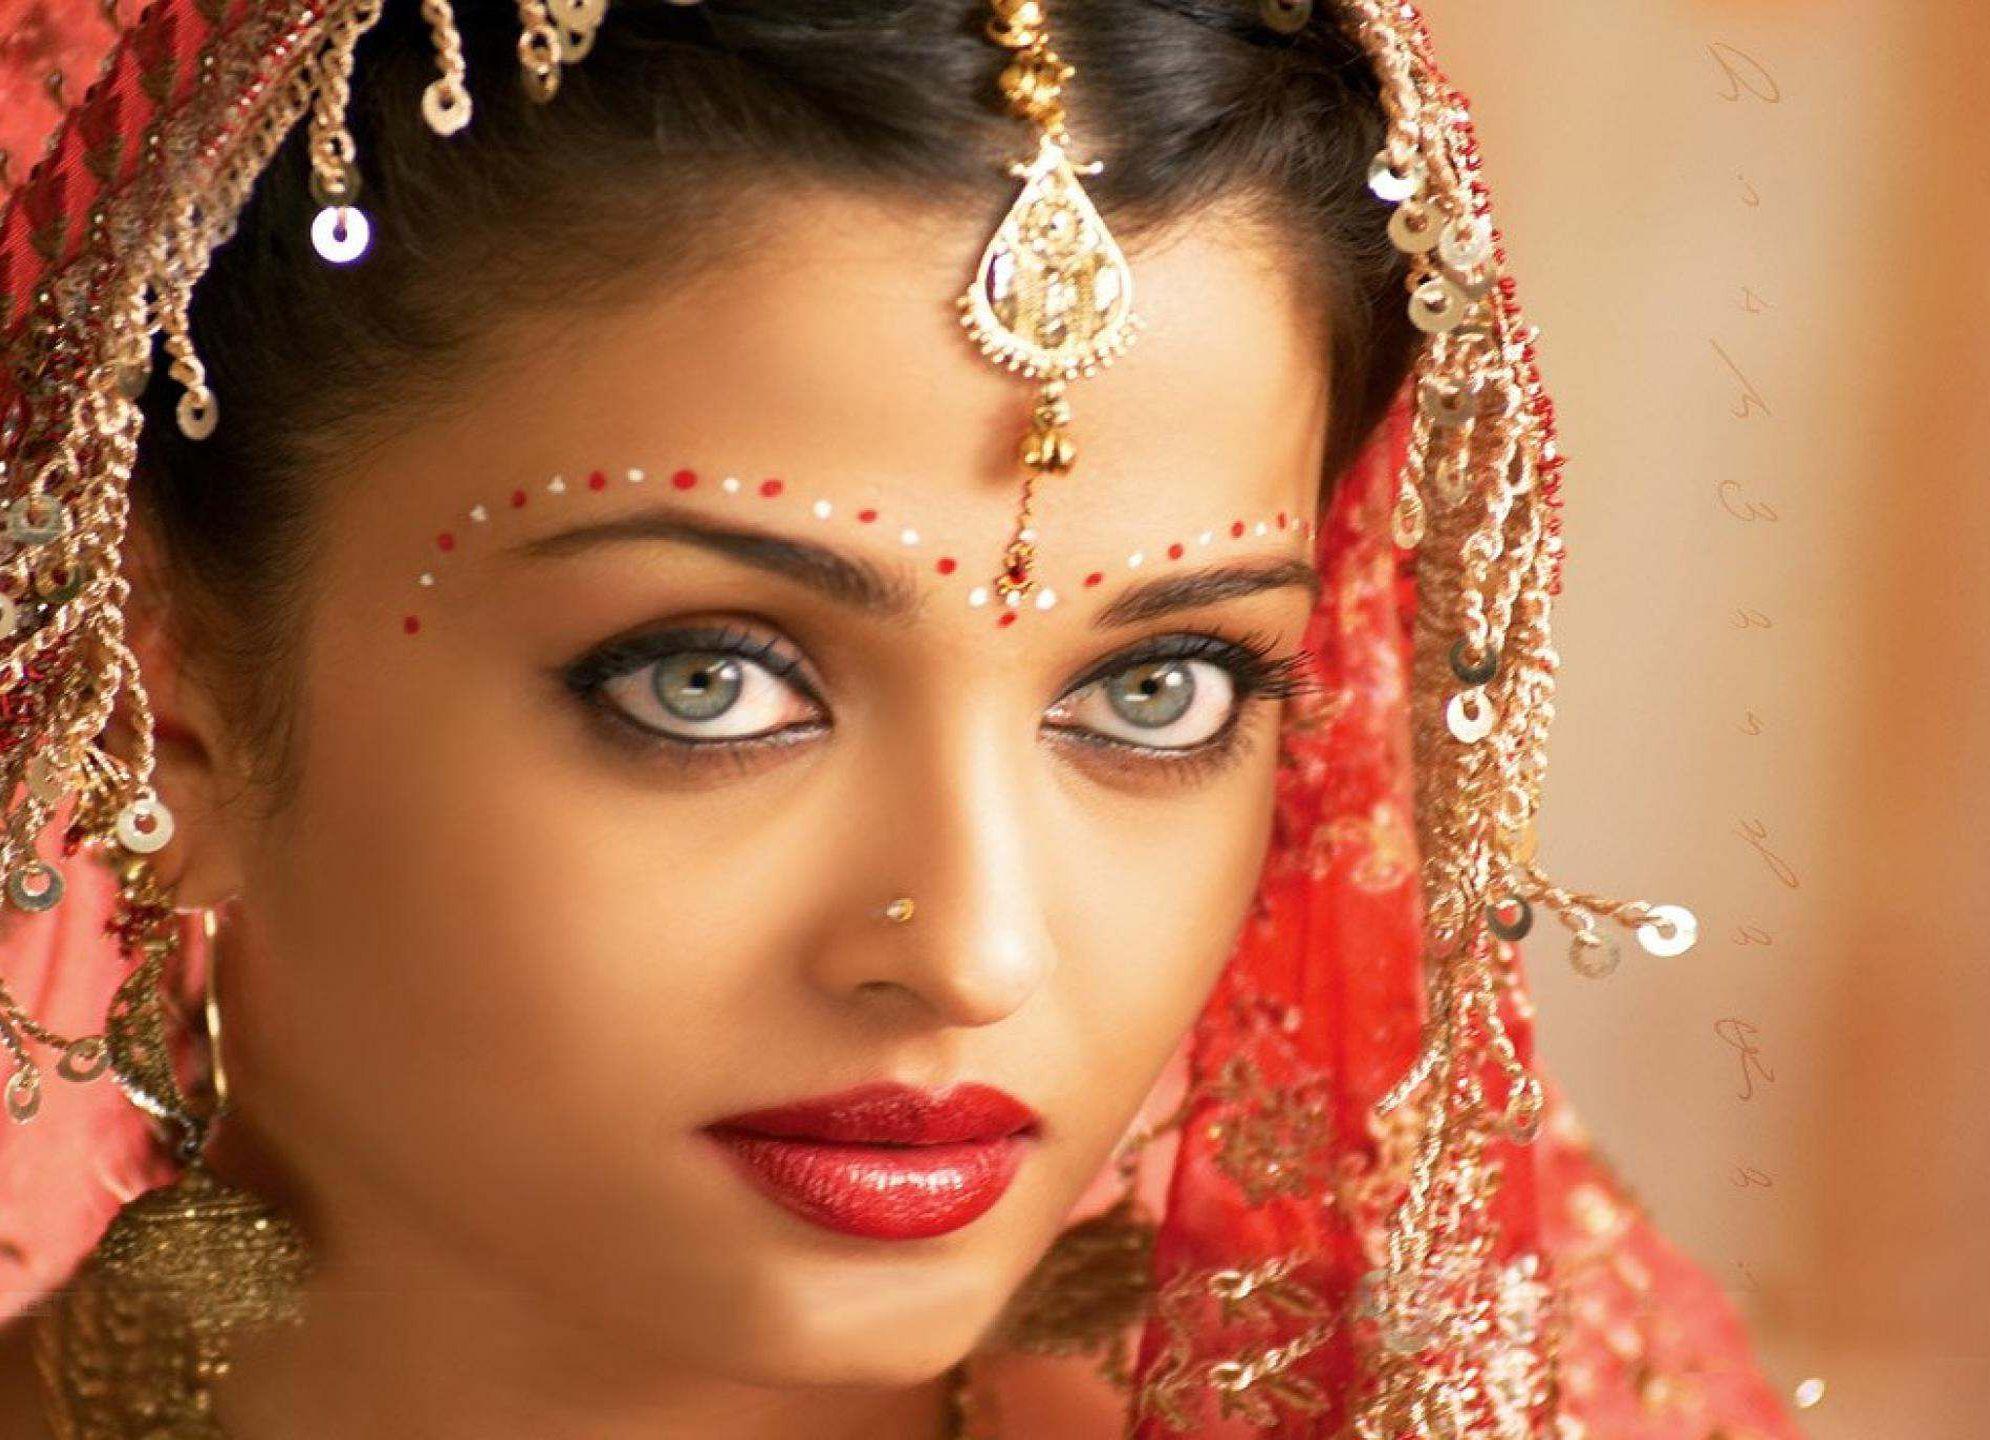 aishwarya rai hd wallpapers for desktop download | wallpapers